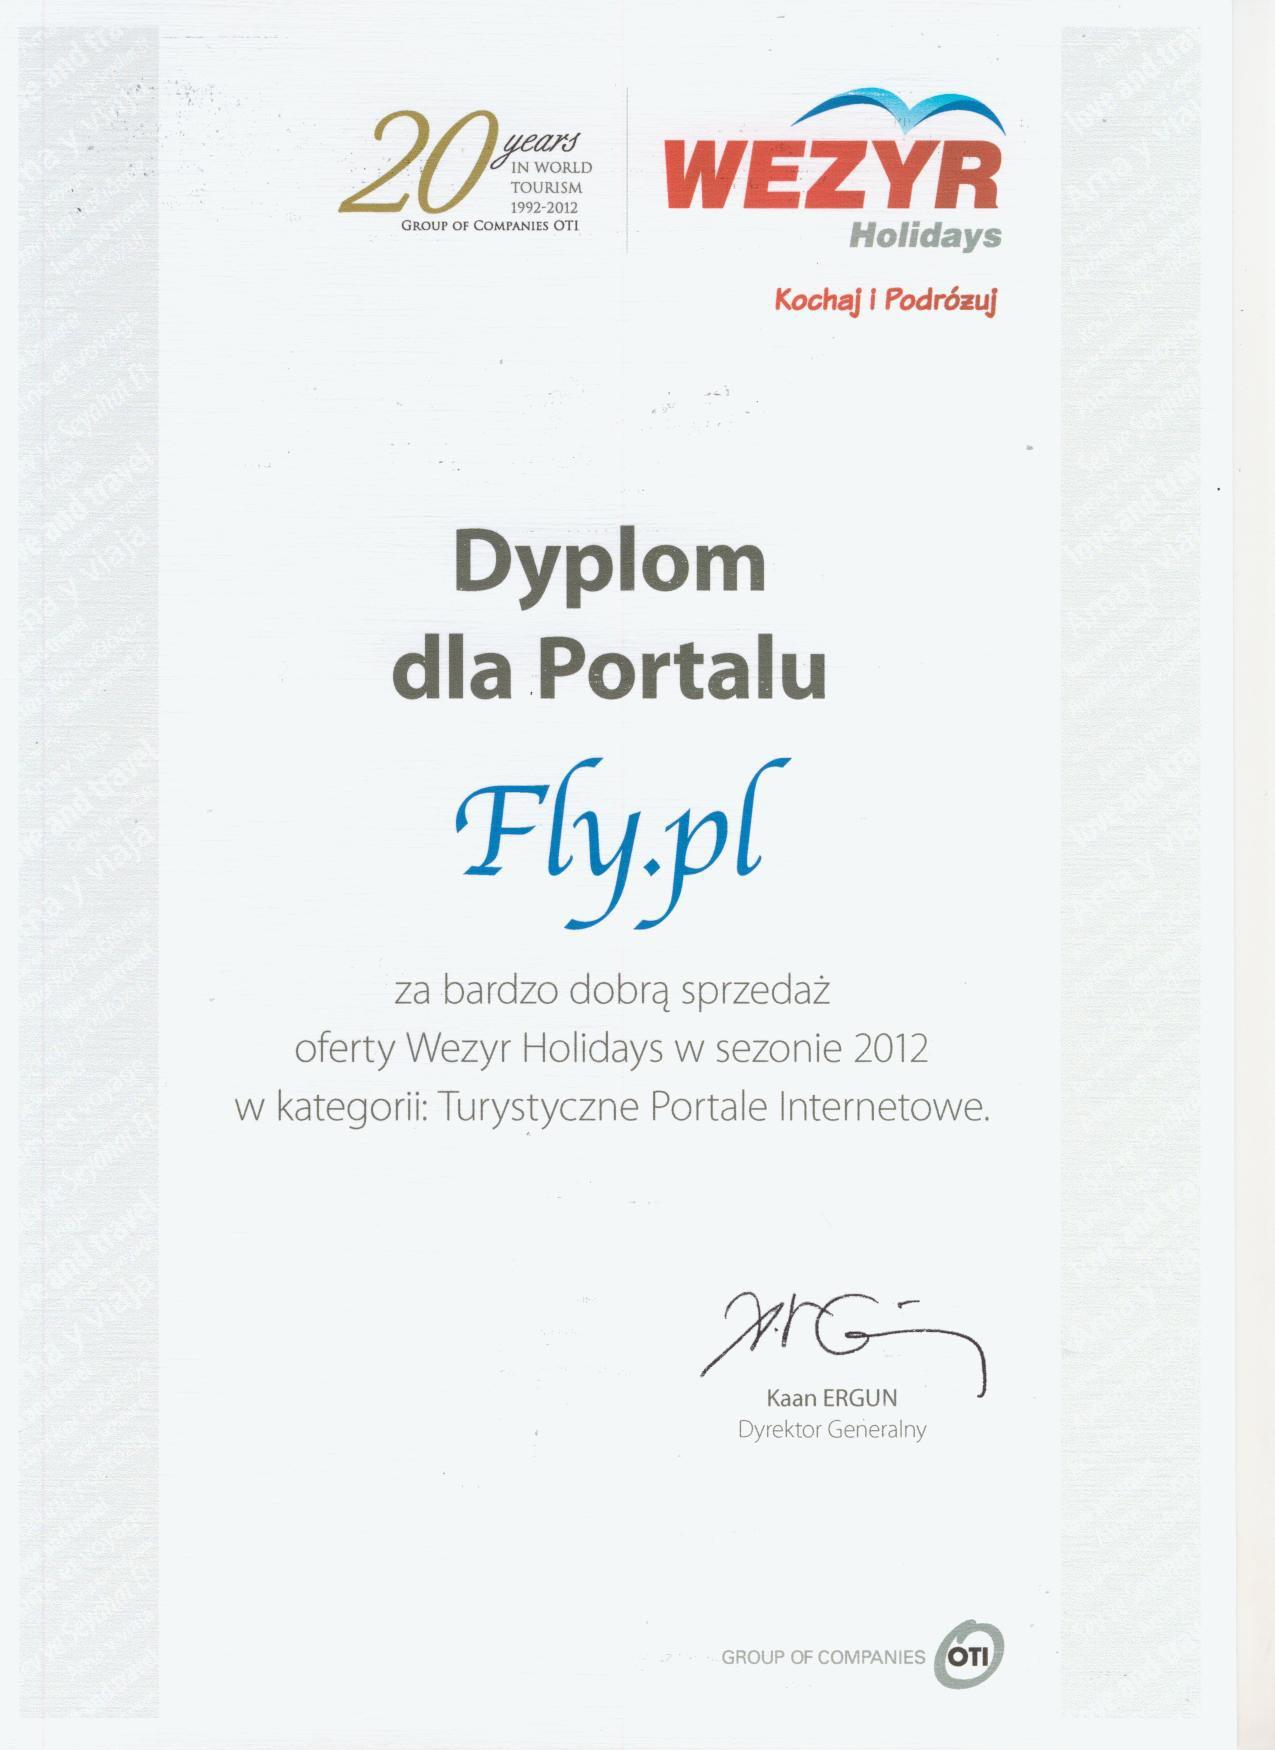 Dyplom uznania od Wezyr Holidays